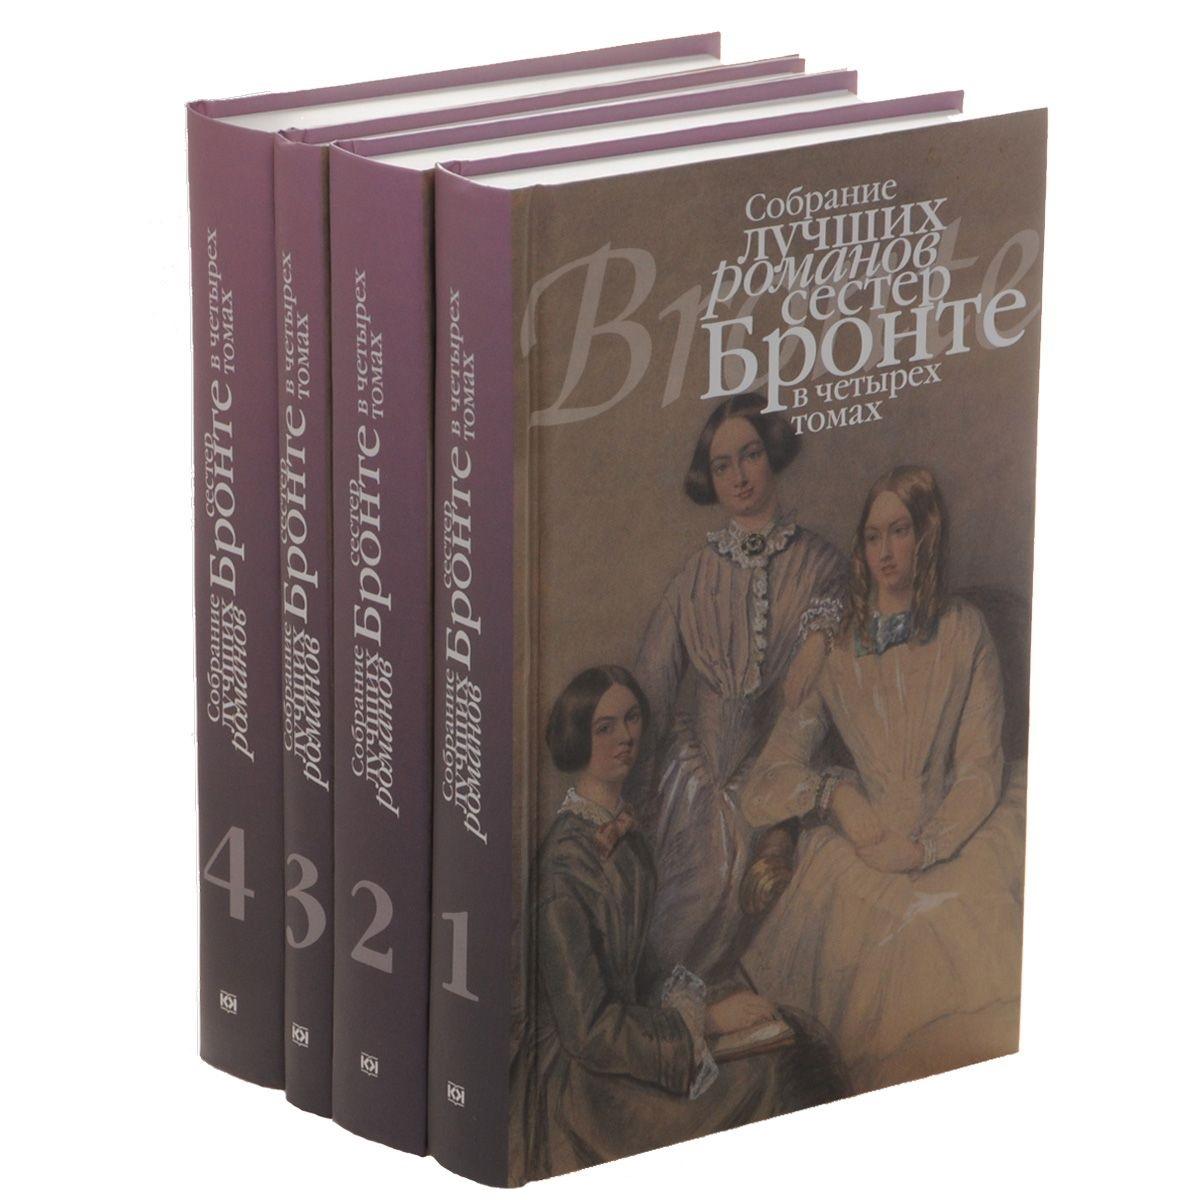 Бронте Ш., Бронте Э., Бронте Э. Собрание лучших романов сестер Бронте в четырех томах (комплект из 4 книг) бронте ш секрет